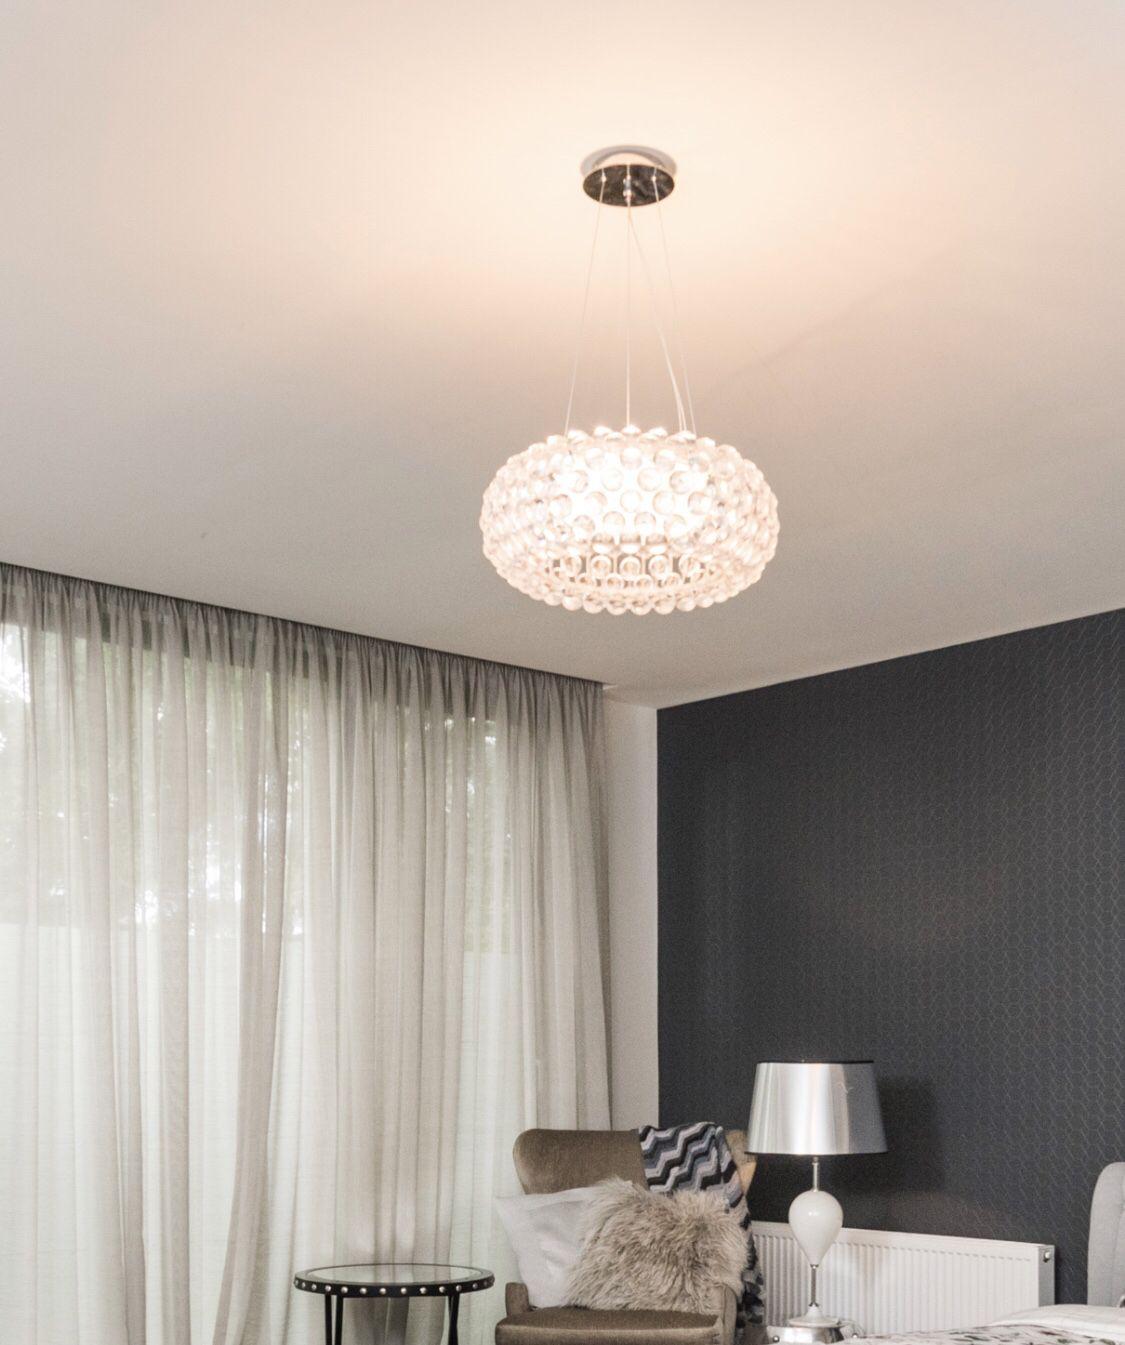 Bedroom pendant | Ikea lighting, Bedroom pendant, Ceiling ...